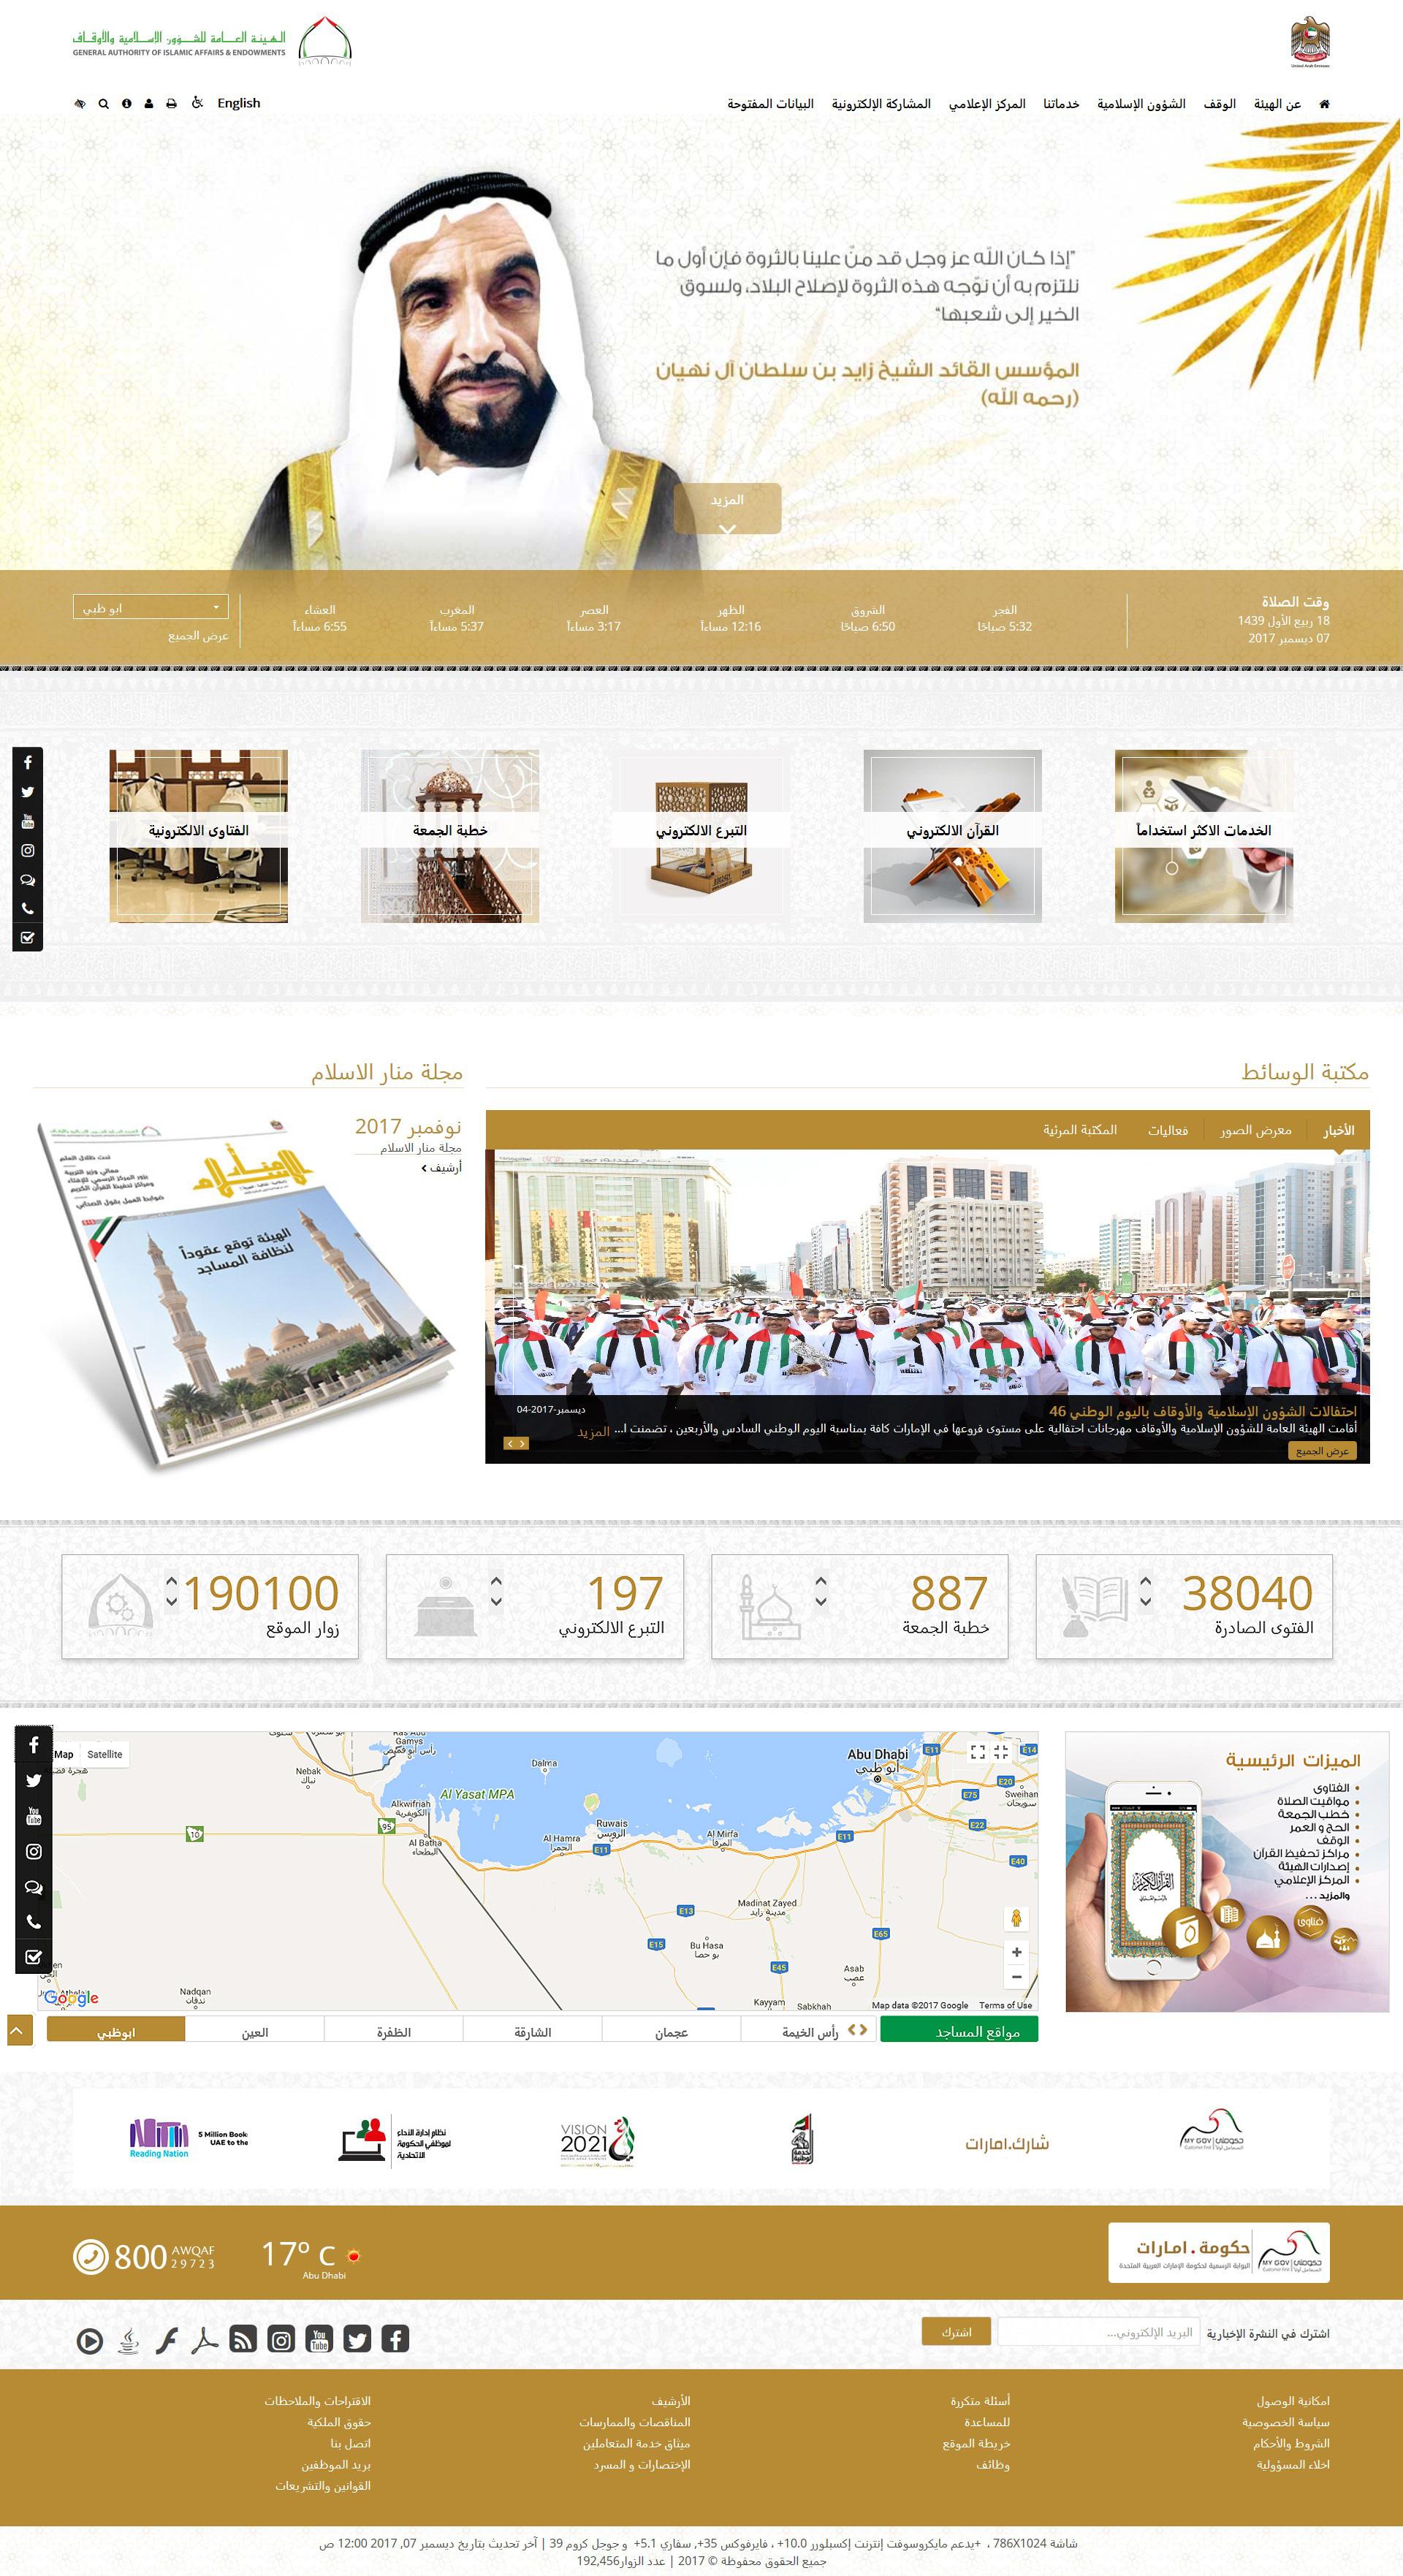 استقطب نحو 21 مليون زائر من 230 دولة ..الشؤون الإسلامية تطلق موقعها الإلكتروني الجديد بتصميم مبتكر وخدمات جديدة